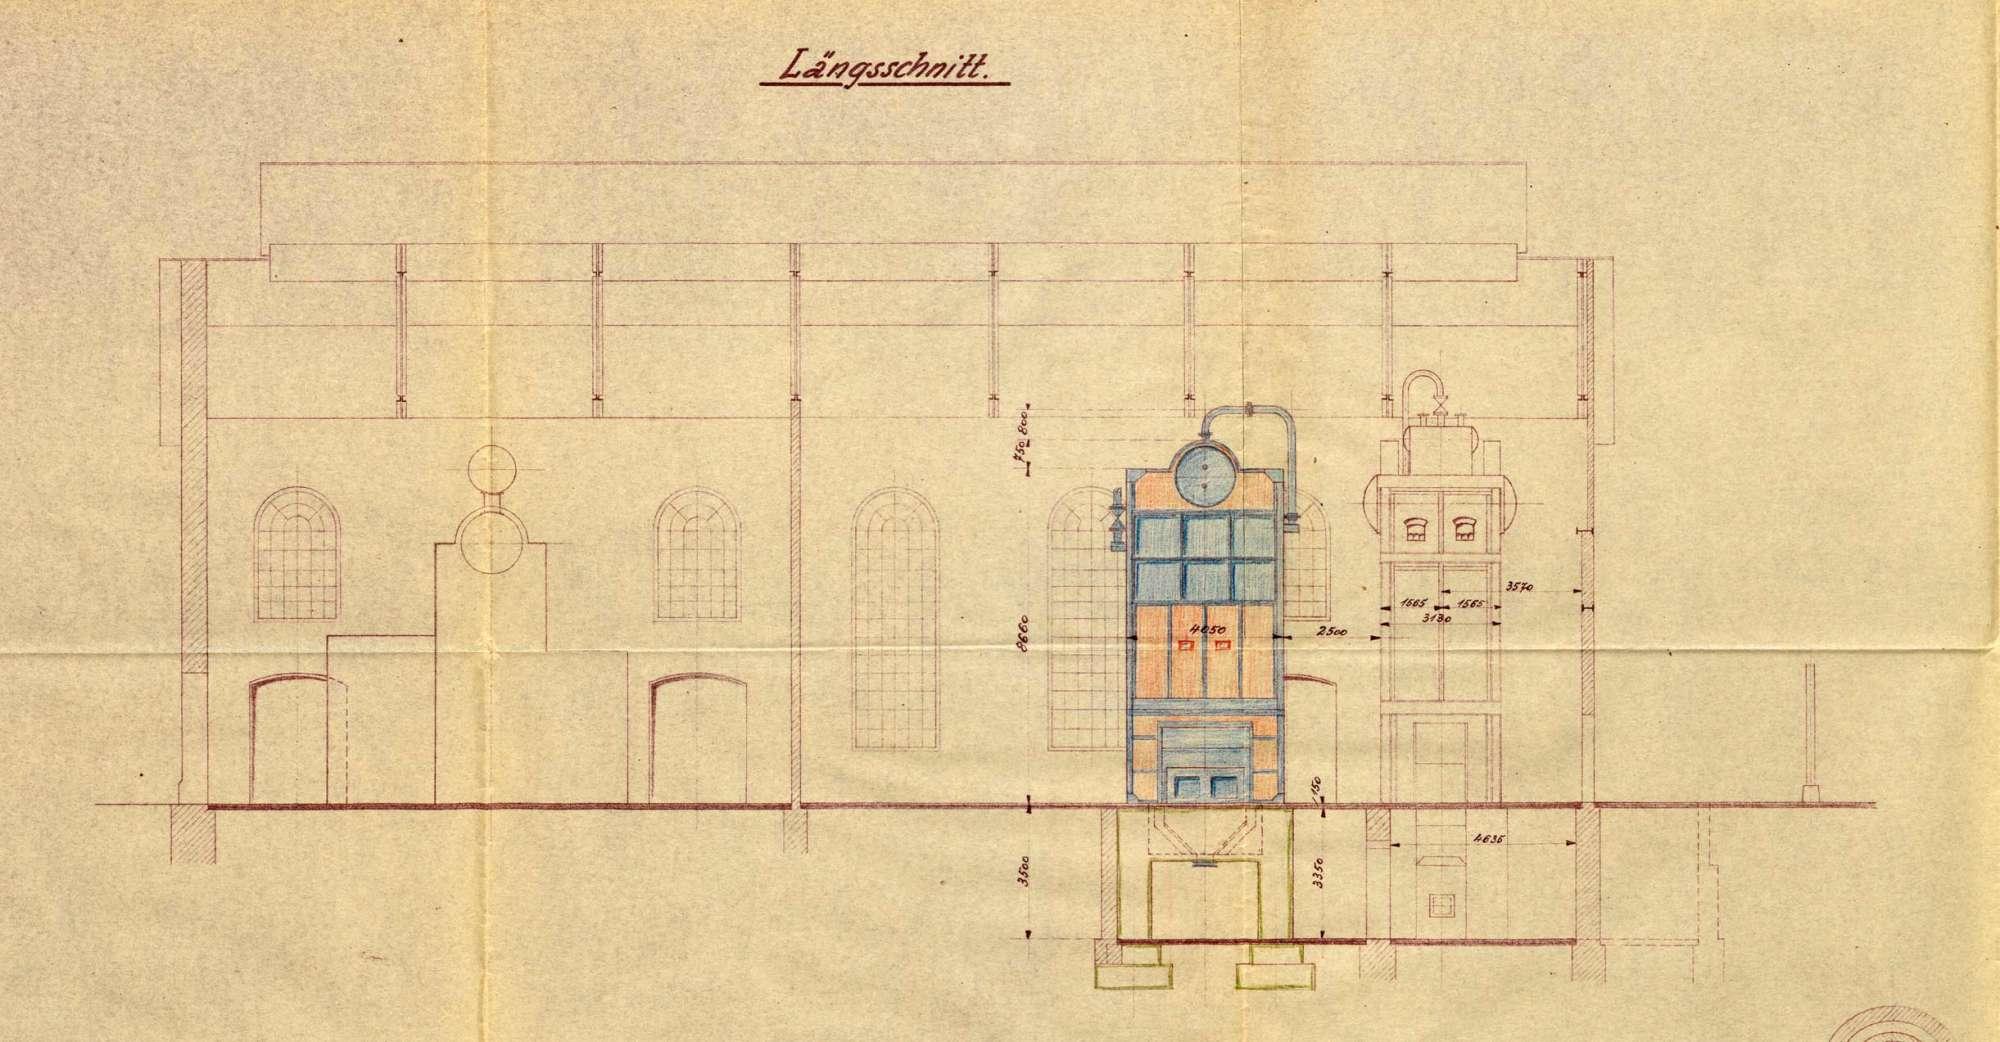 Dampfkessel der Firma Deutsche Gold- und Silberscheideanstalt, vormals Rössler Werk, in Rheinfelden (Baden), Bild 2